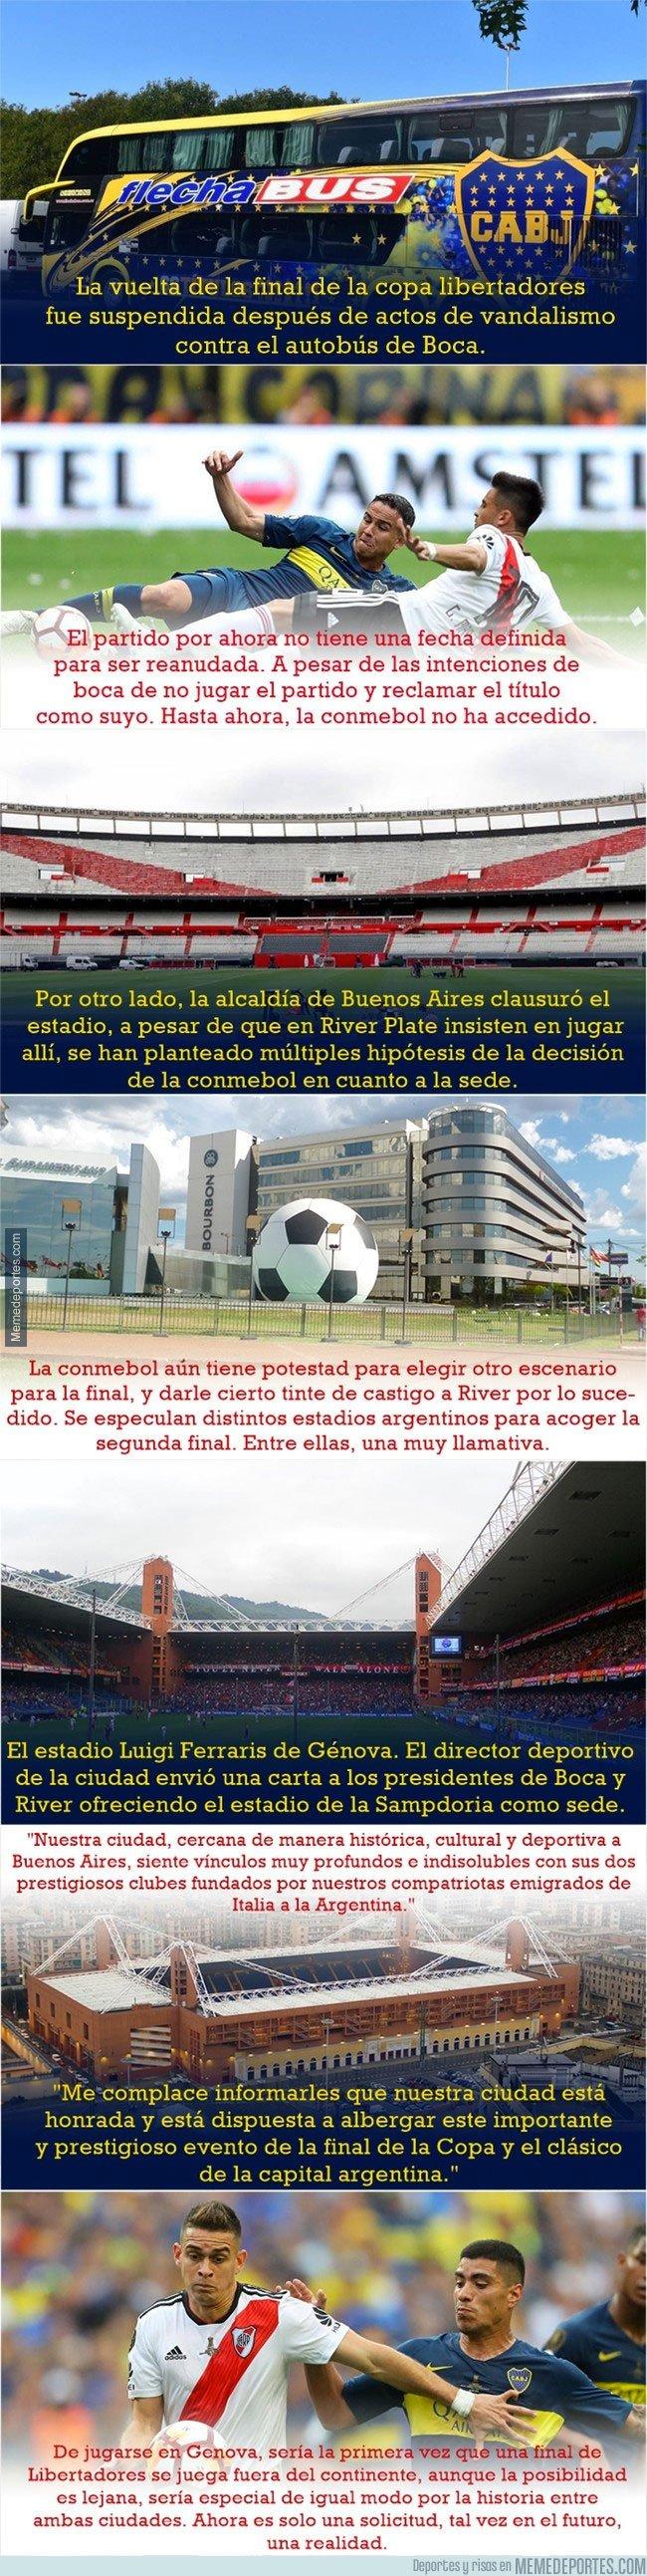 1057337 - Proponen una ciudad europea como sede para la final de la Copa Libertadores